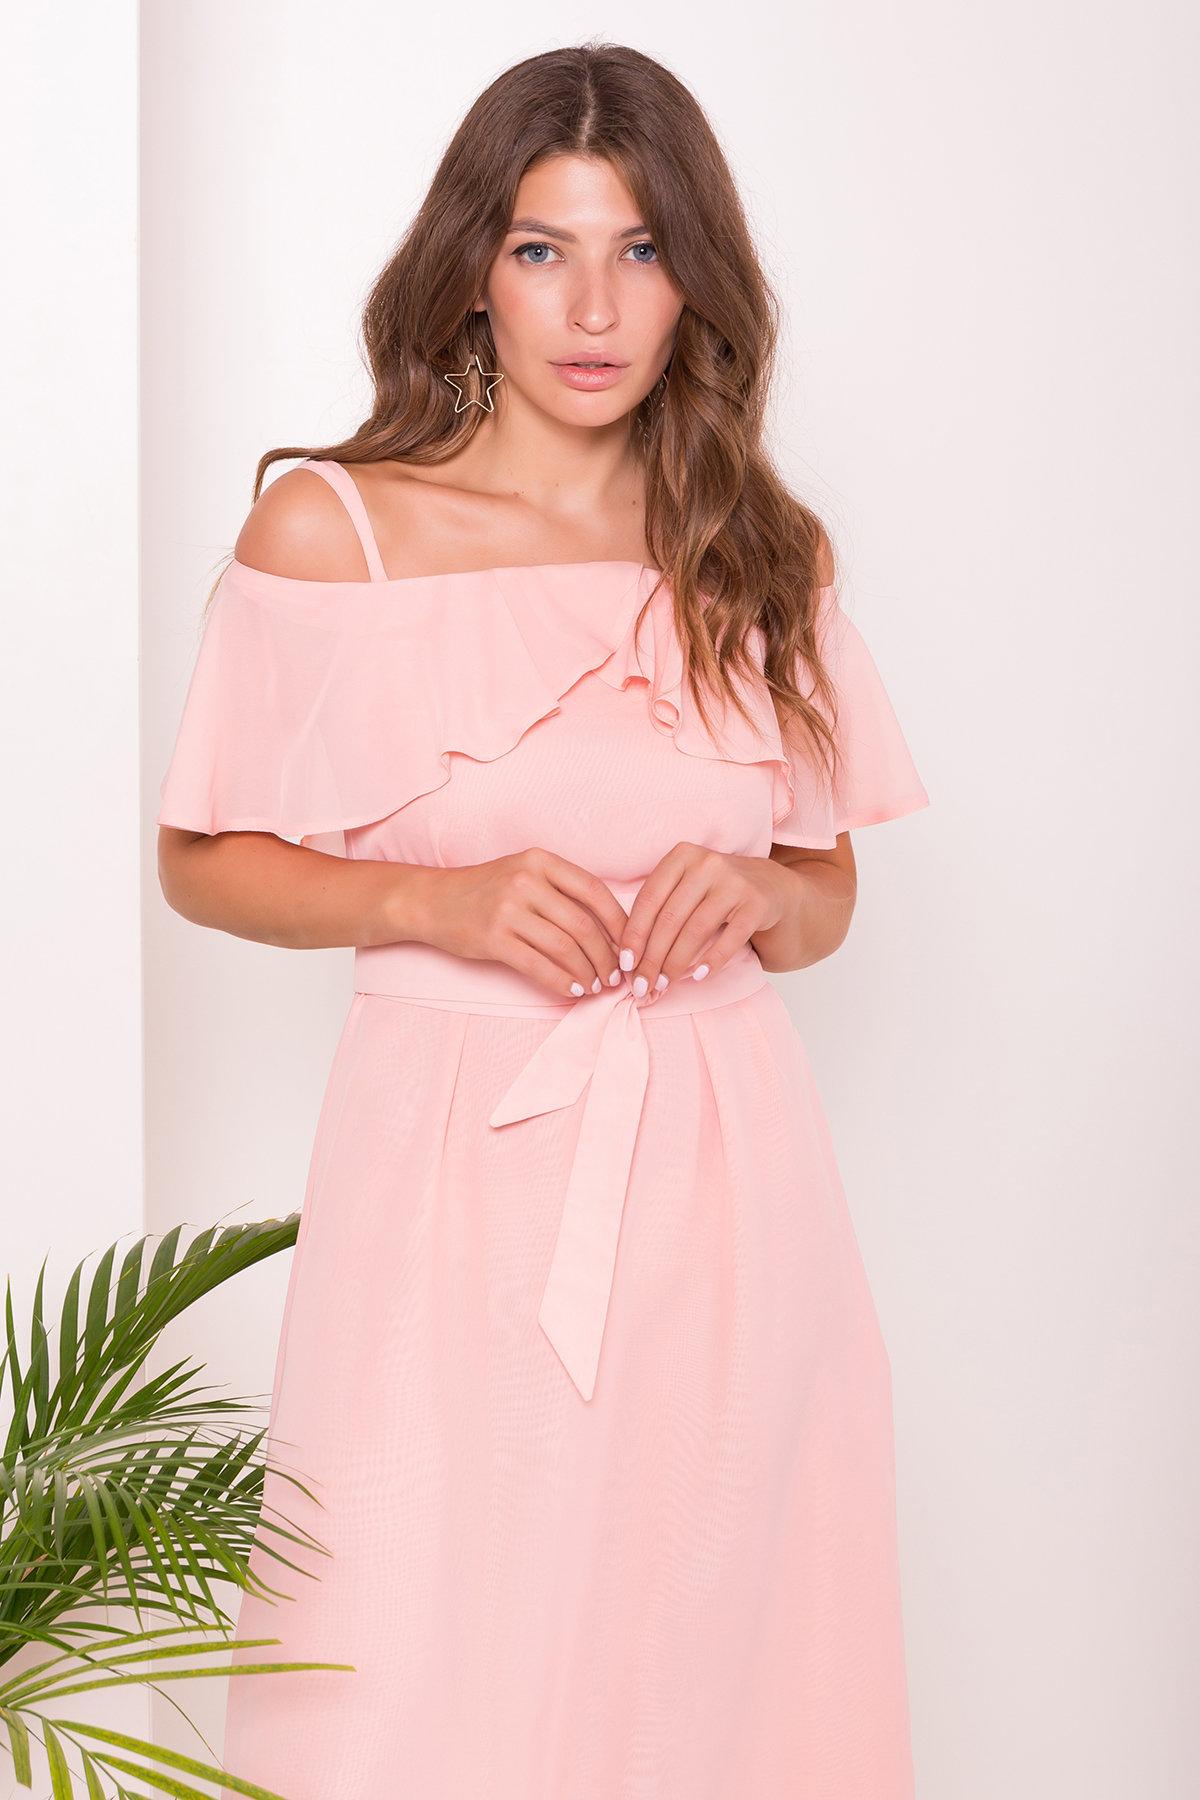 Платье Пикабу 7449 АРТ. 43246 Цвет: Персик - фото 4, интернет магазин tm-modus.ru